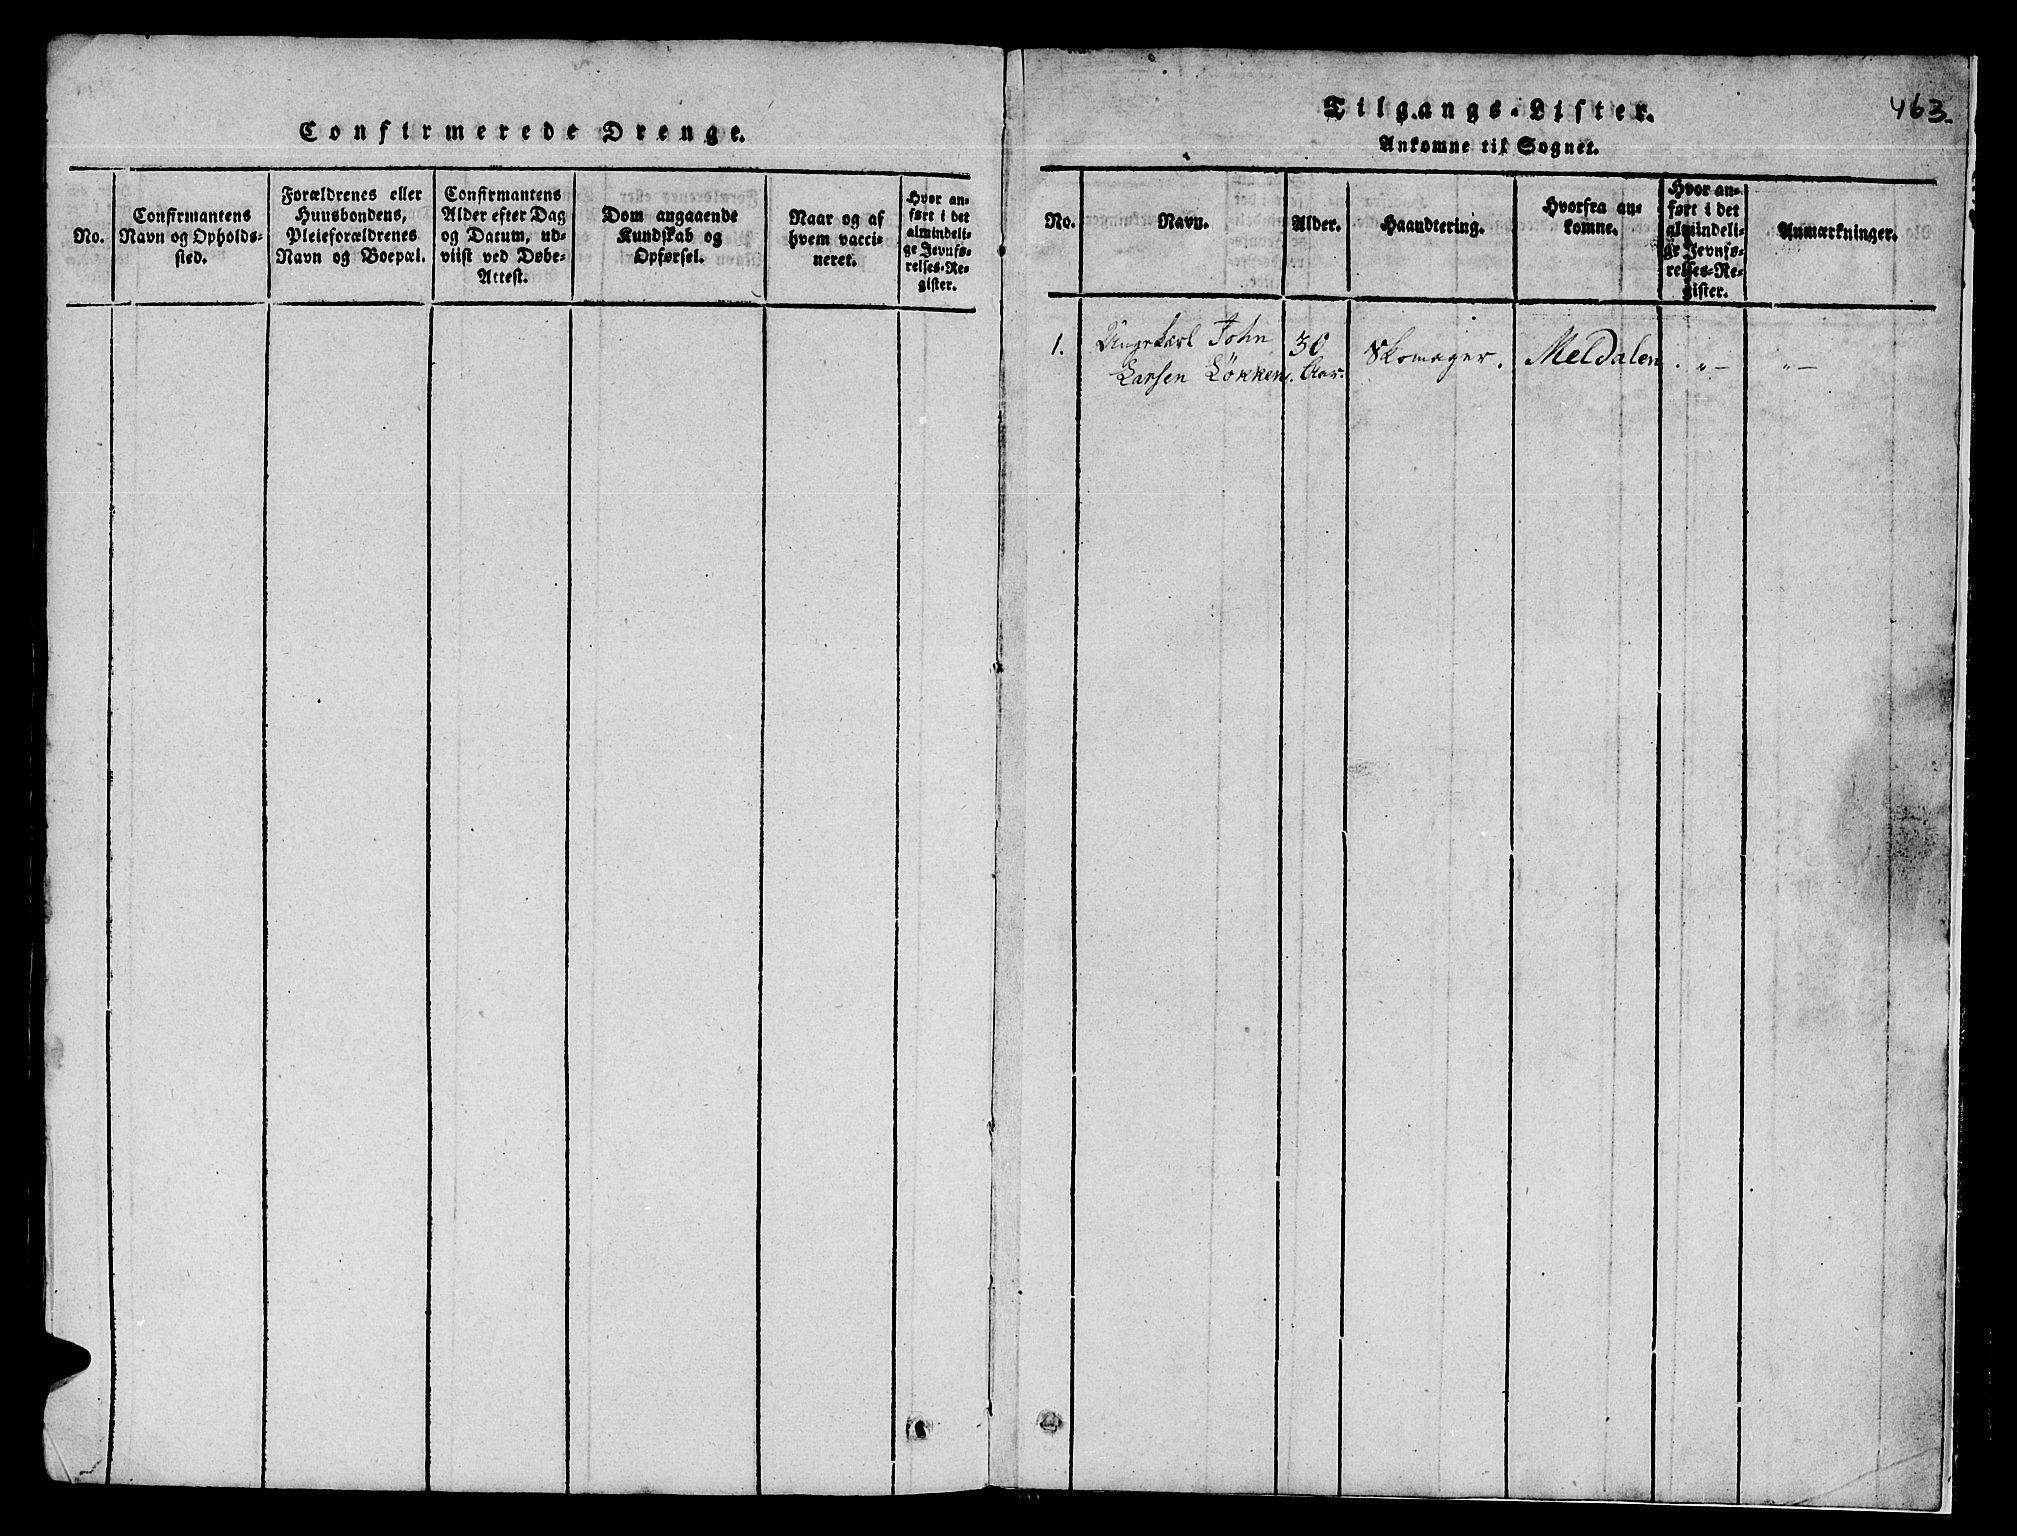 SAT, Ministerialprotokoller, klokkerbøker og fødselsregistre - Sør-Trøndelag, 671/L0842: Klokkerbok nr. 671C01, 1816-1867, s. 462-463